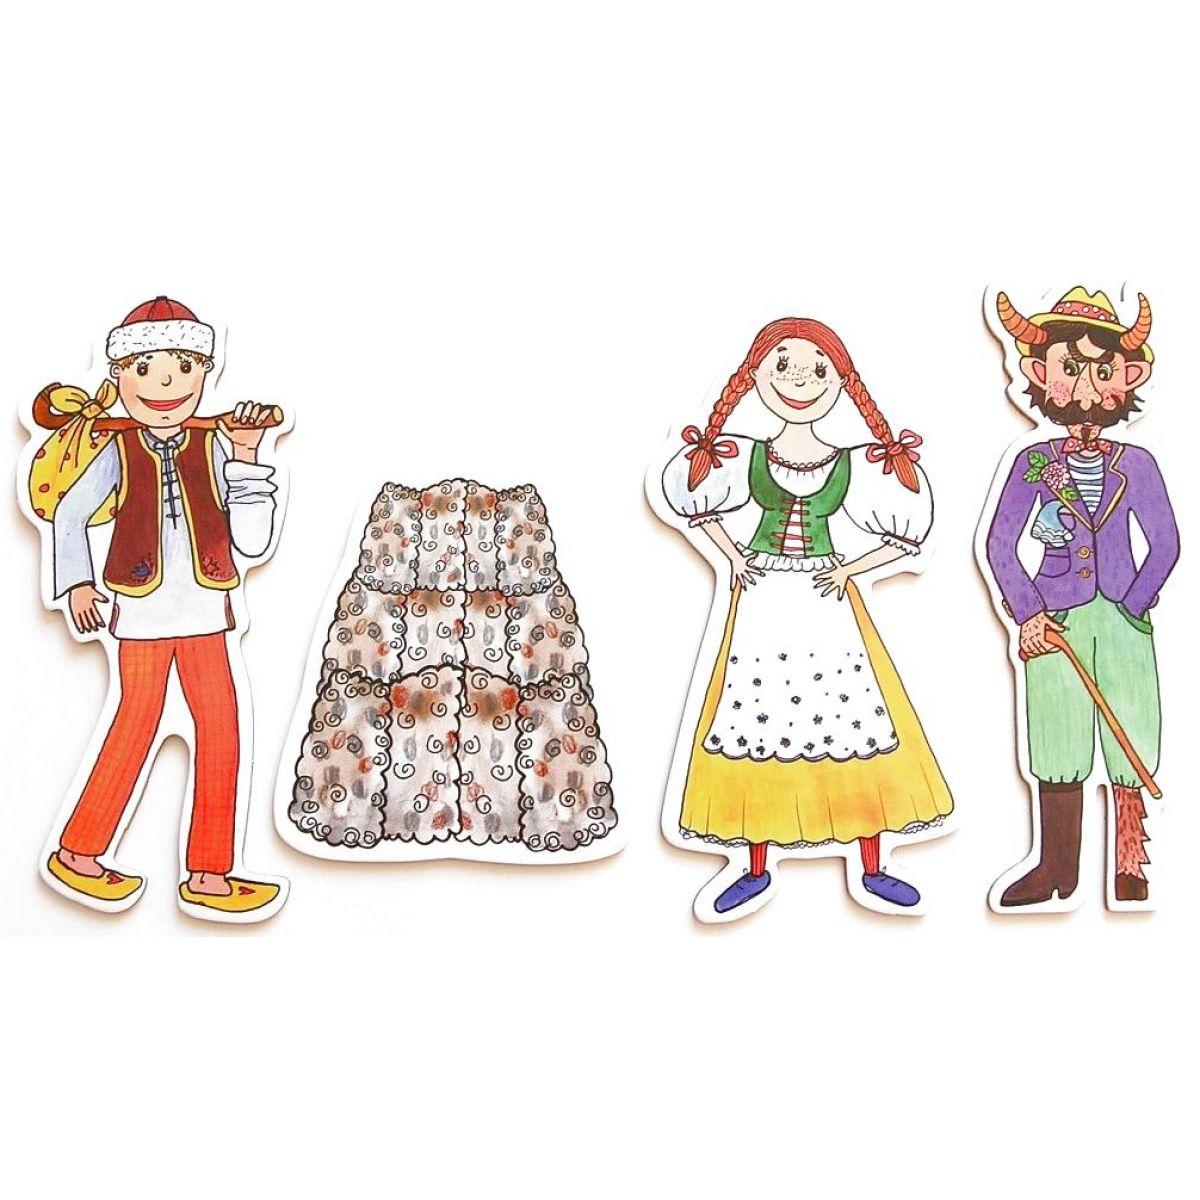 Marionetino Čert, Honza a Káča